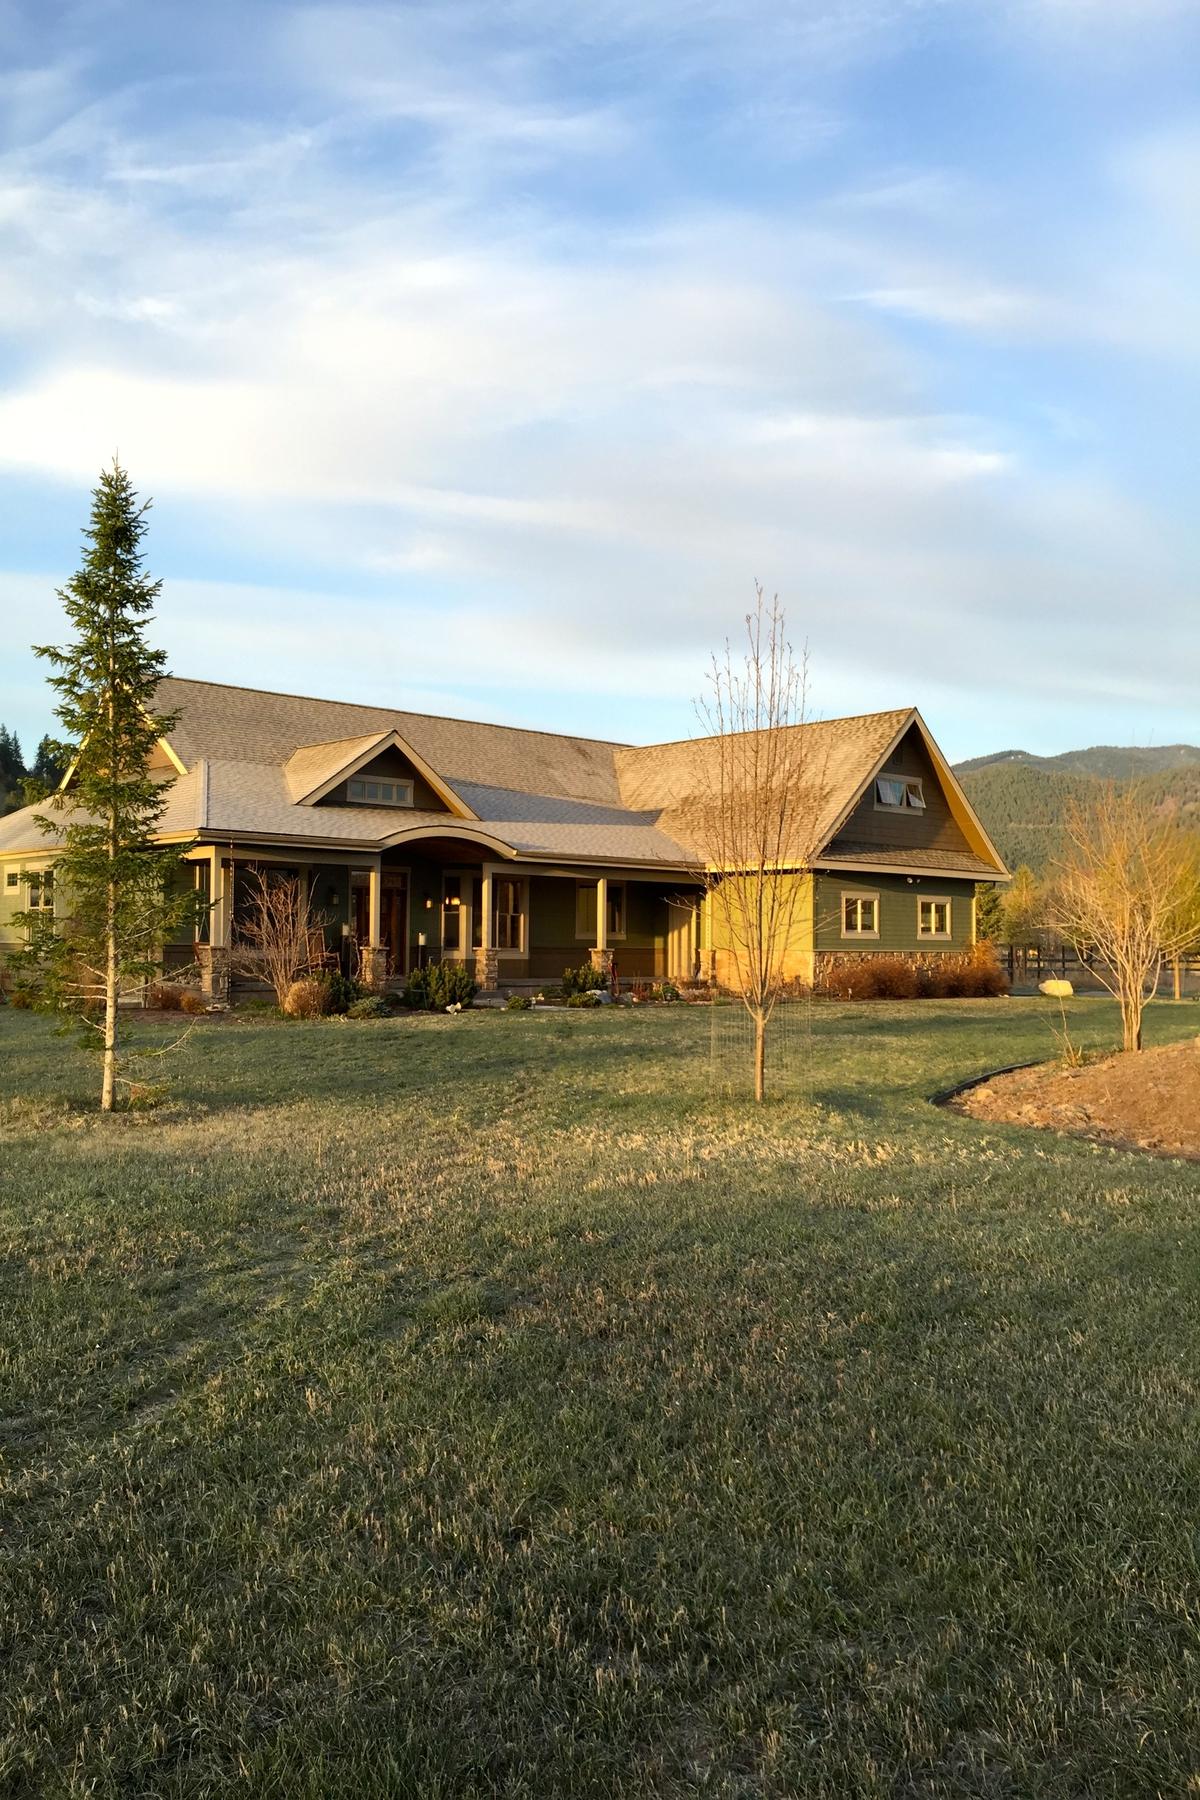 Maison unifamiliale pour l Vente à 2625 McCauley Lane Missoula, Montana 59804 États-Unis